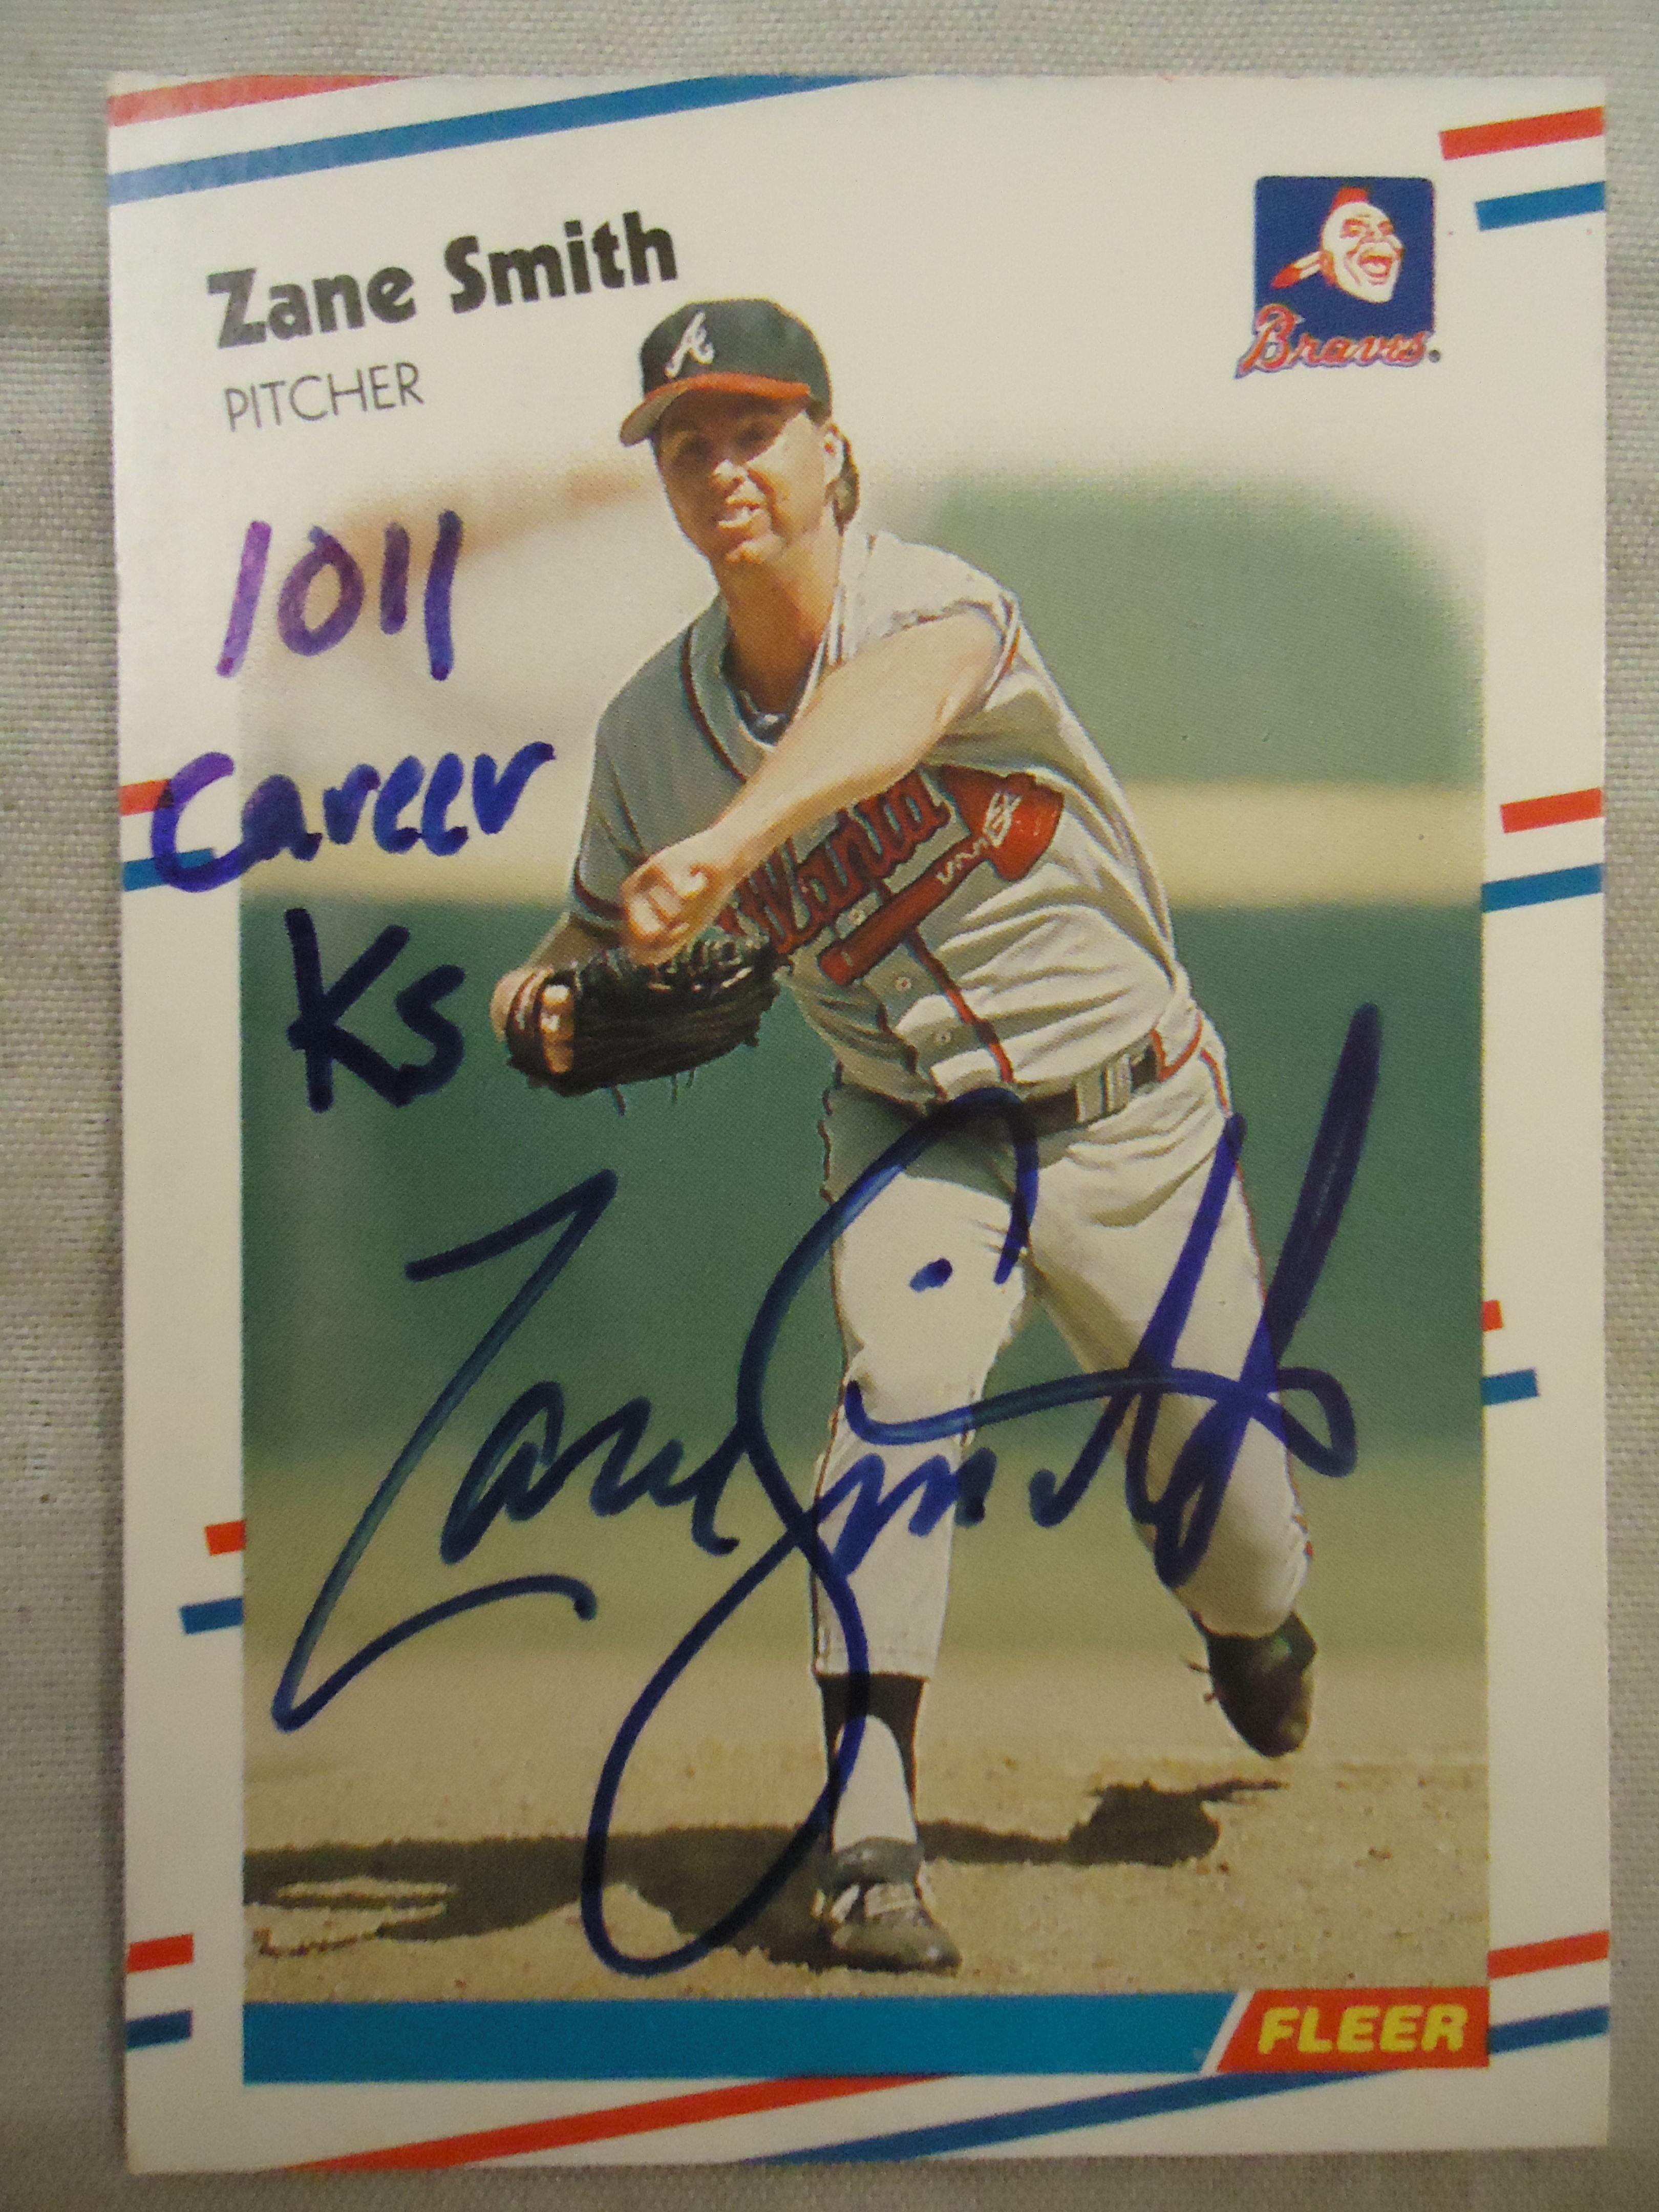 Zane Smith Ttm Inscribed 1 011 Career K S Atlanta Braves Braves Baseball Cards